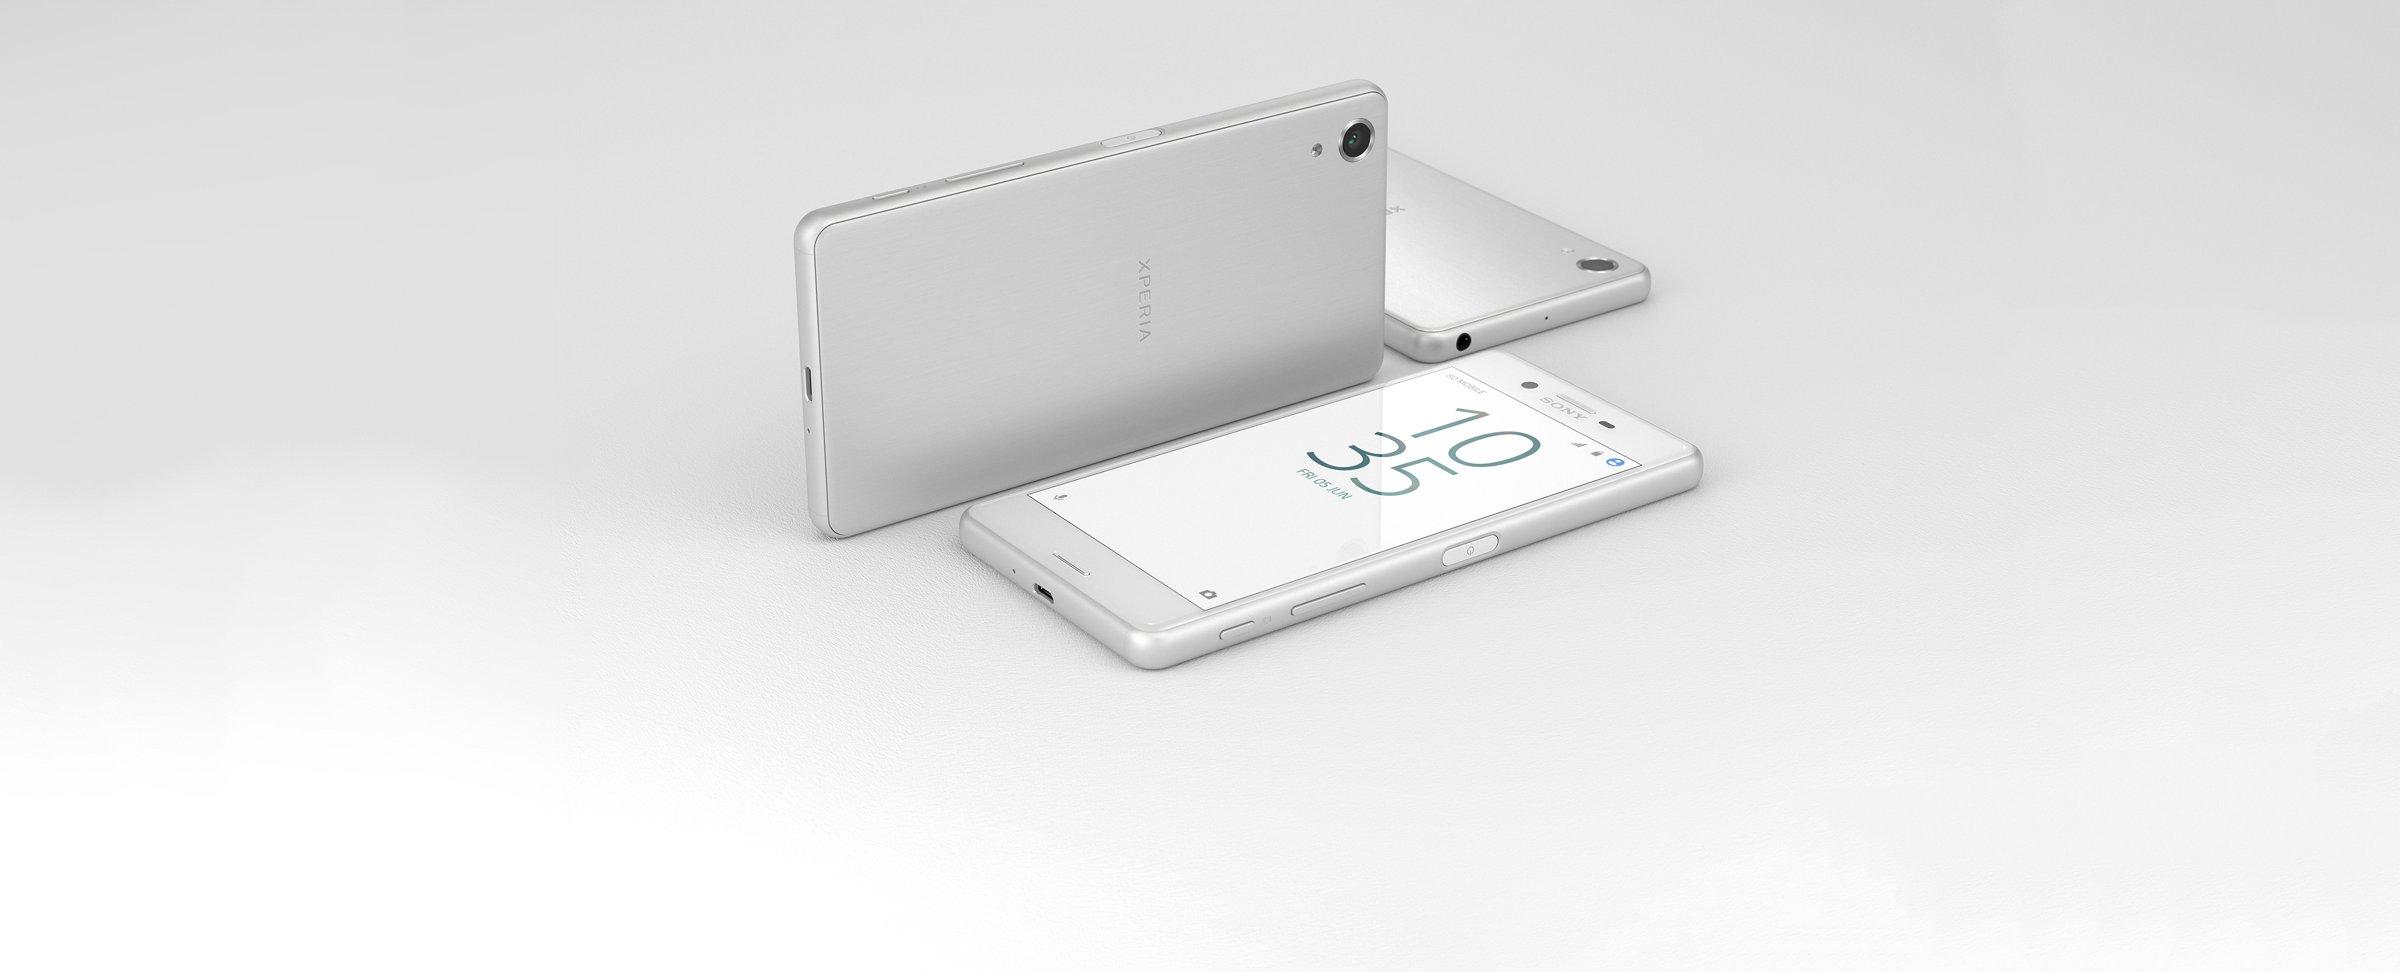 Sony-Xperia-X-Performance (4)